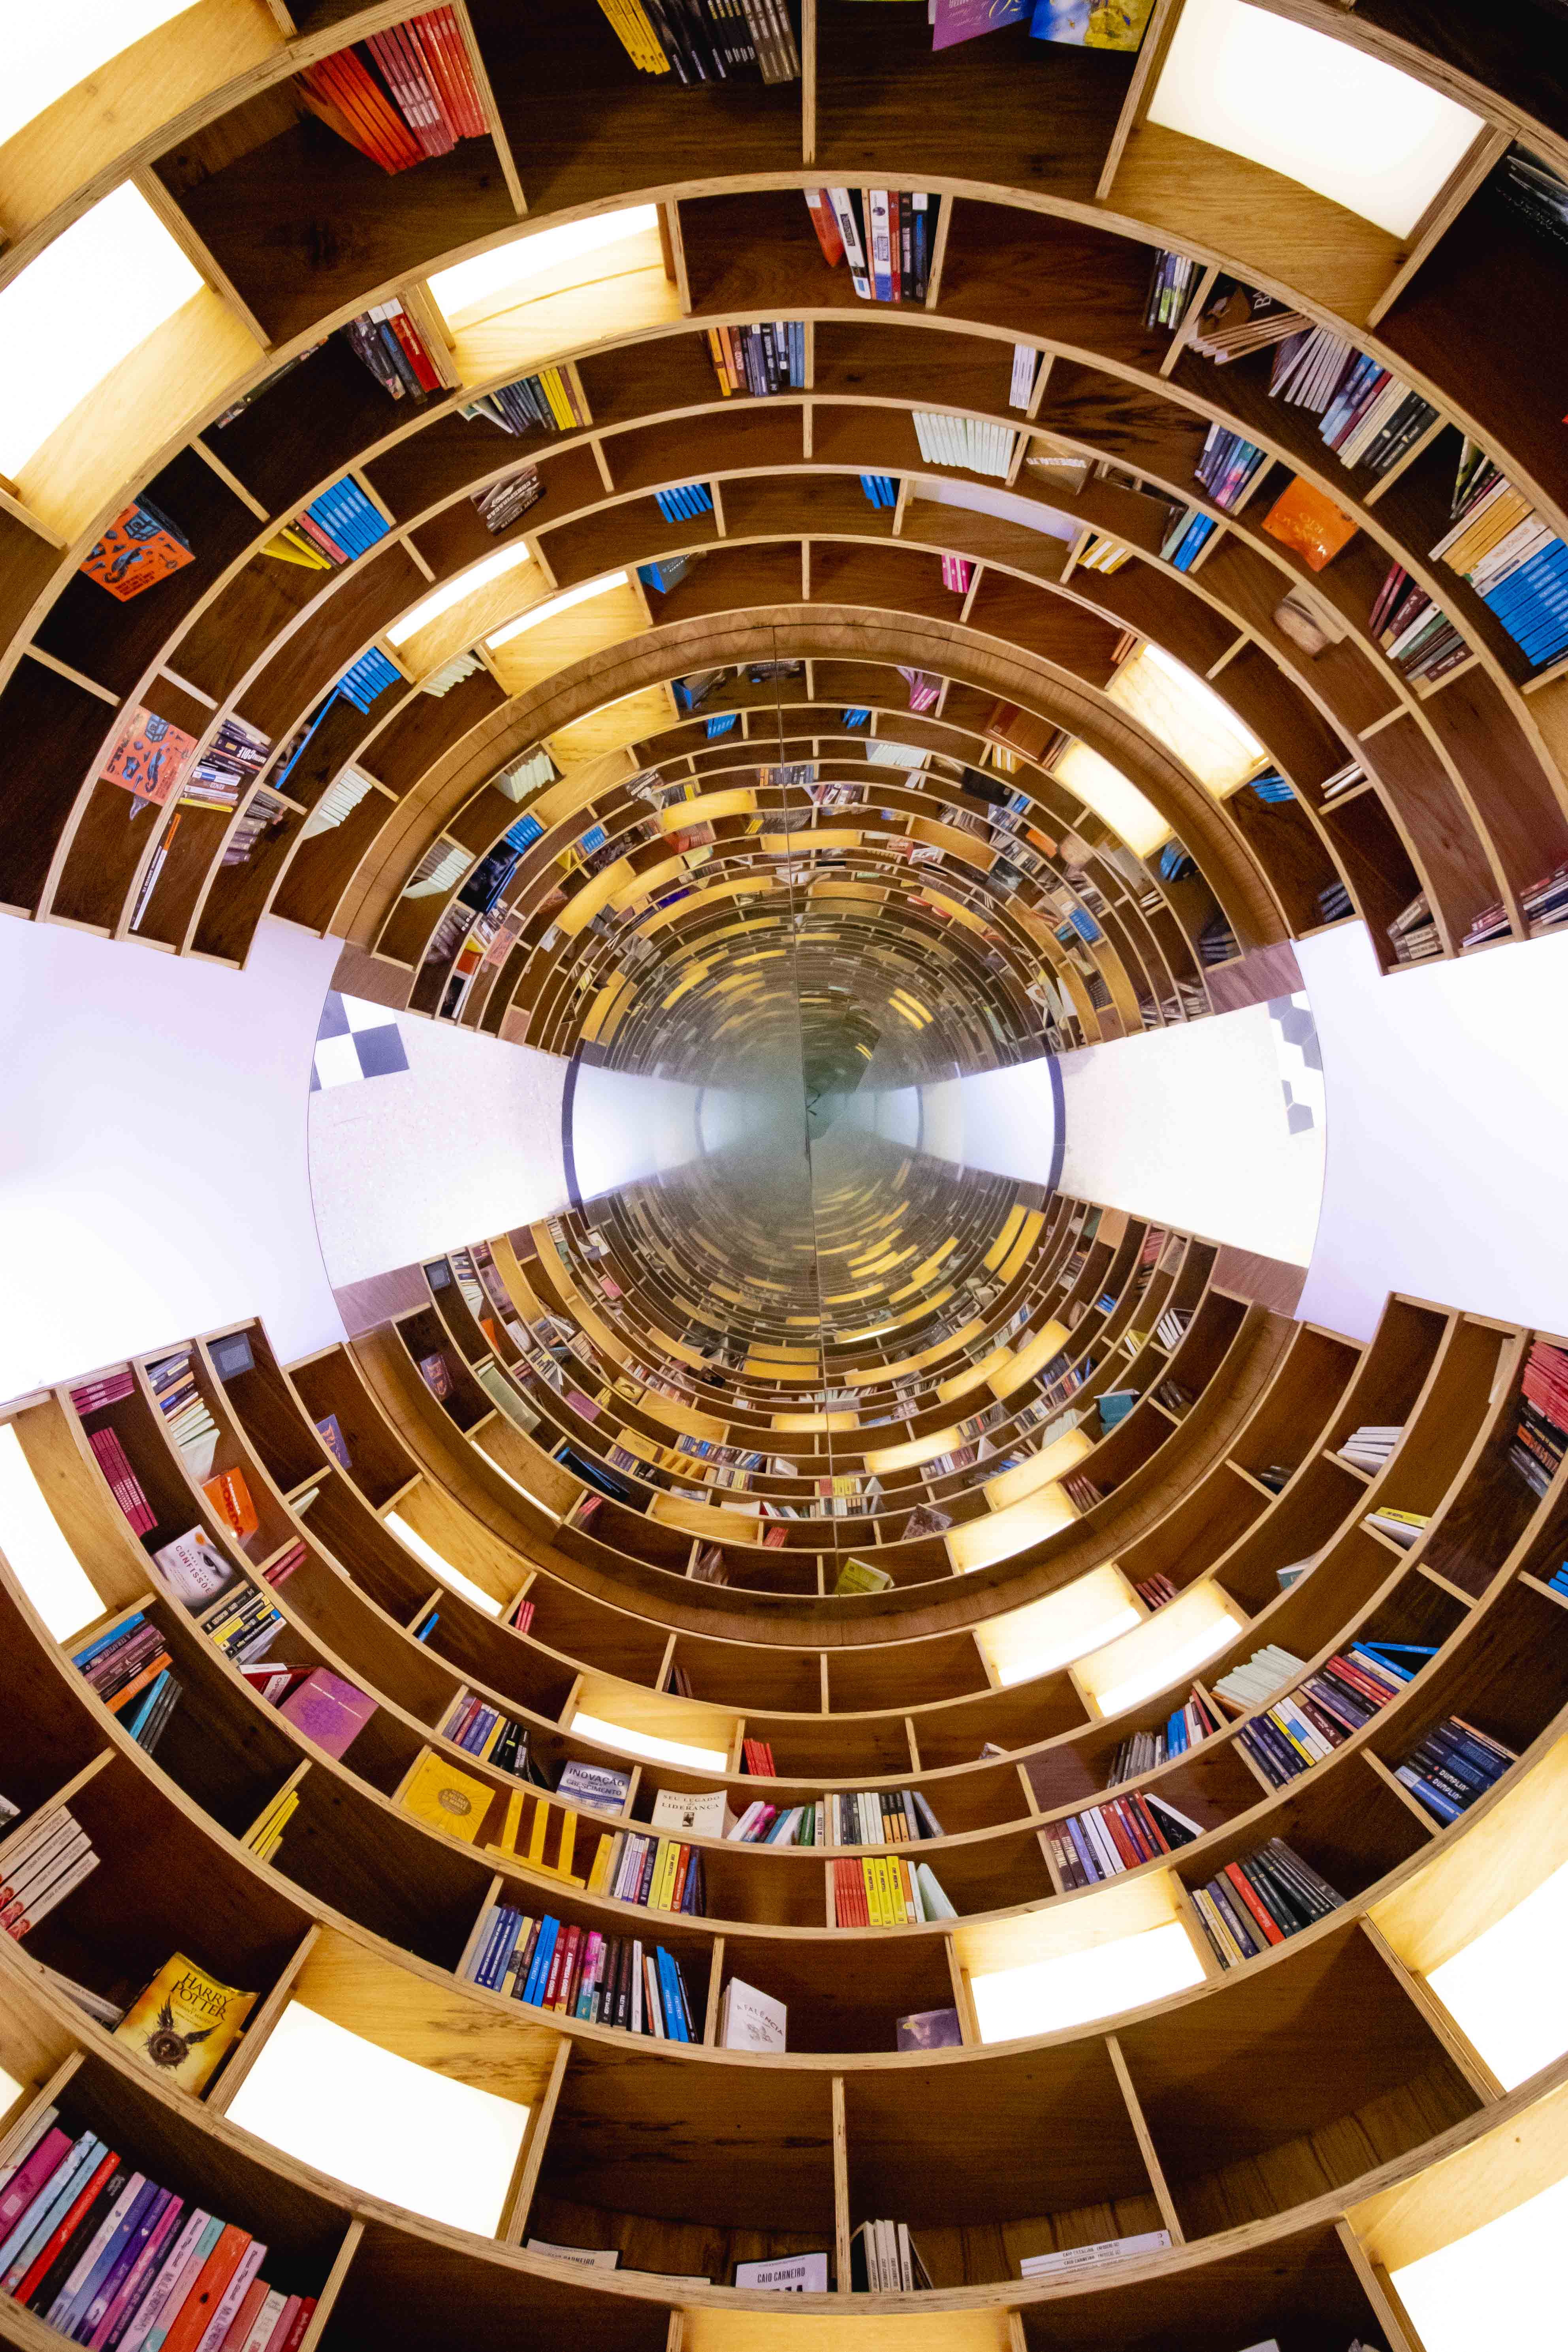 Mercado de livros já vem enfrentando crises, cenário que foi agravado pela pandemia do novo coronavírus. A taxação proposta pode encarecer os processos de publicação, chegando ao bolso do consumidor